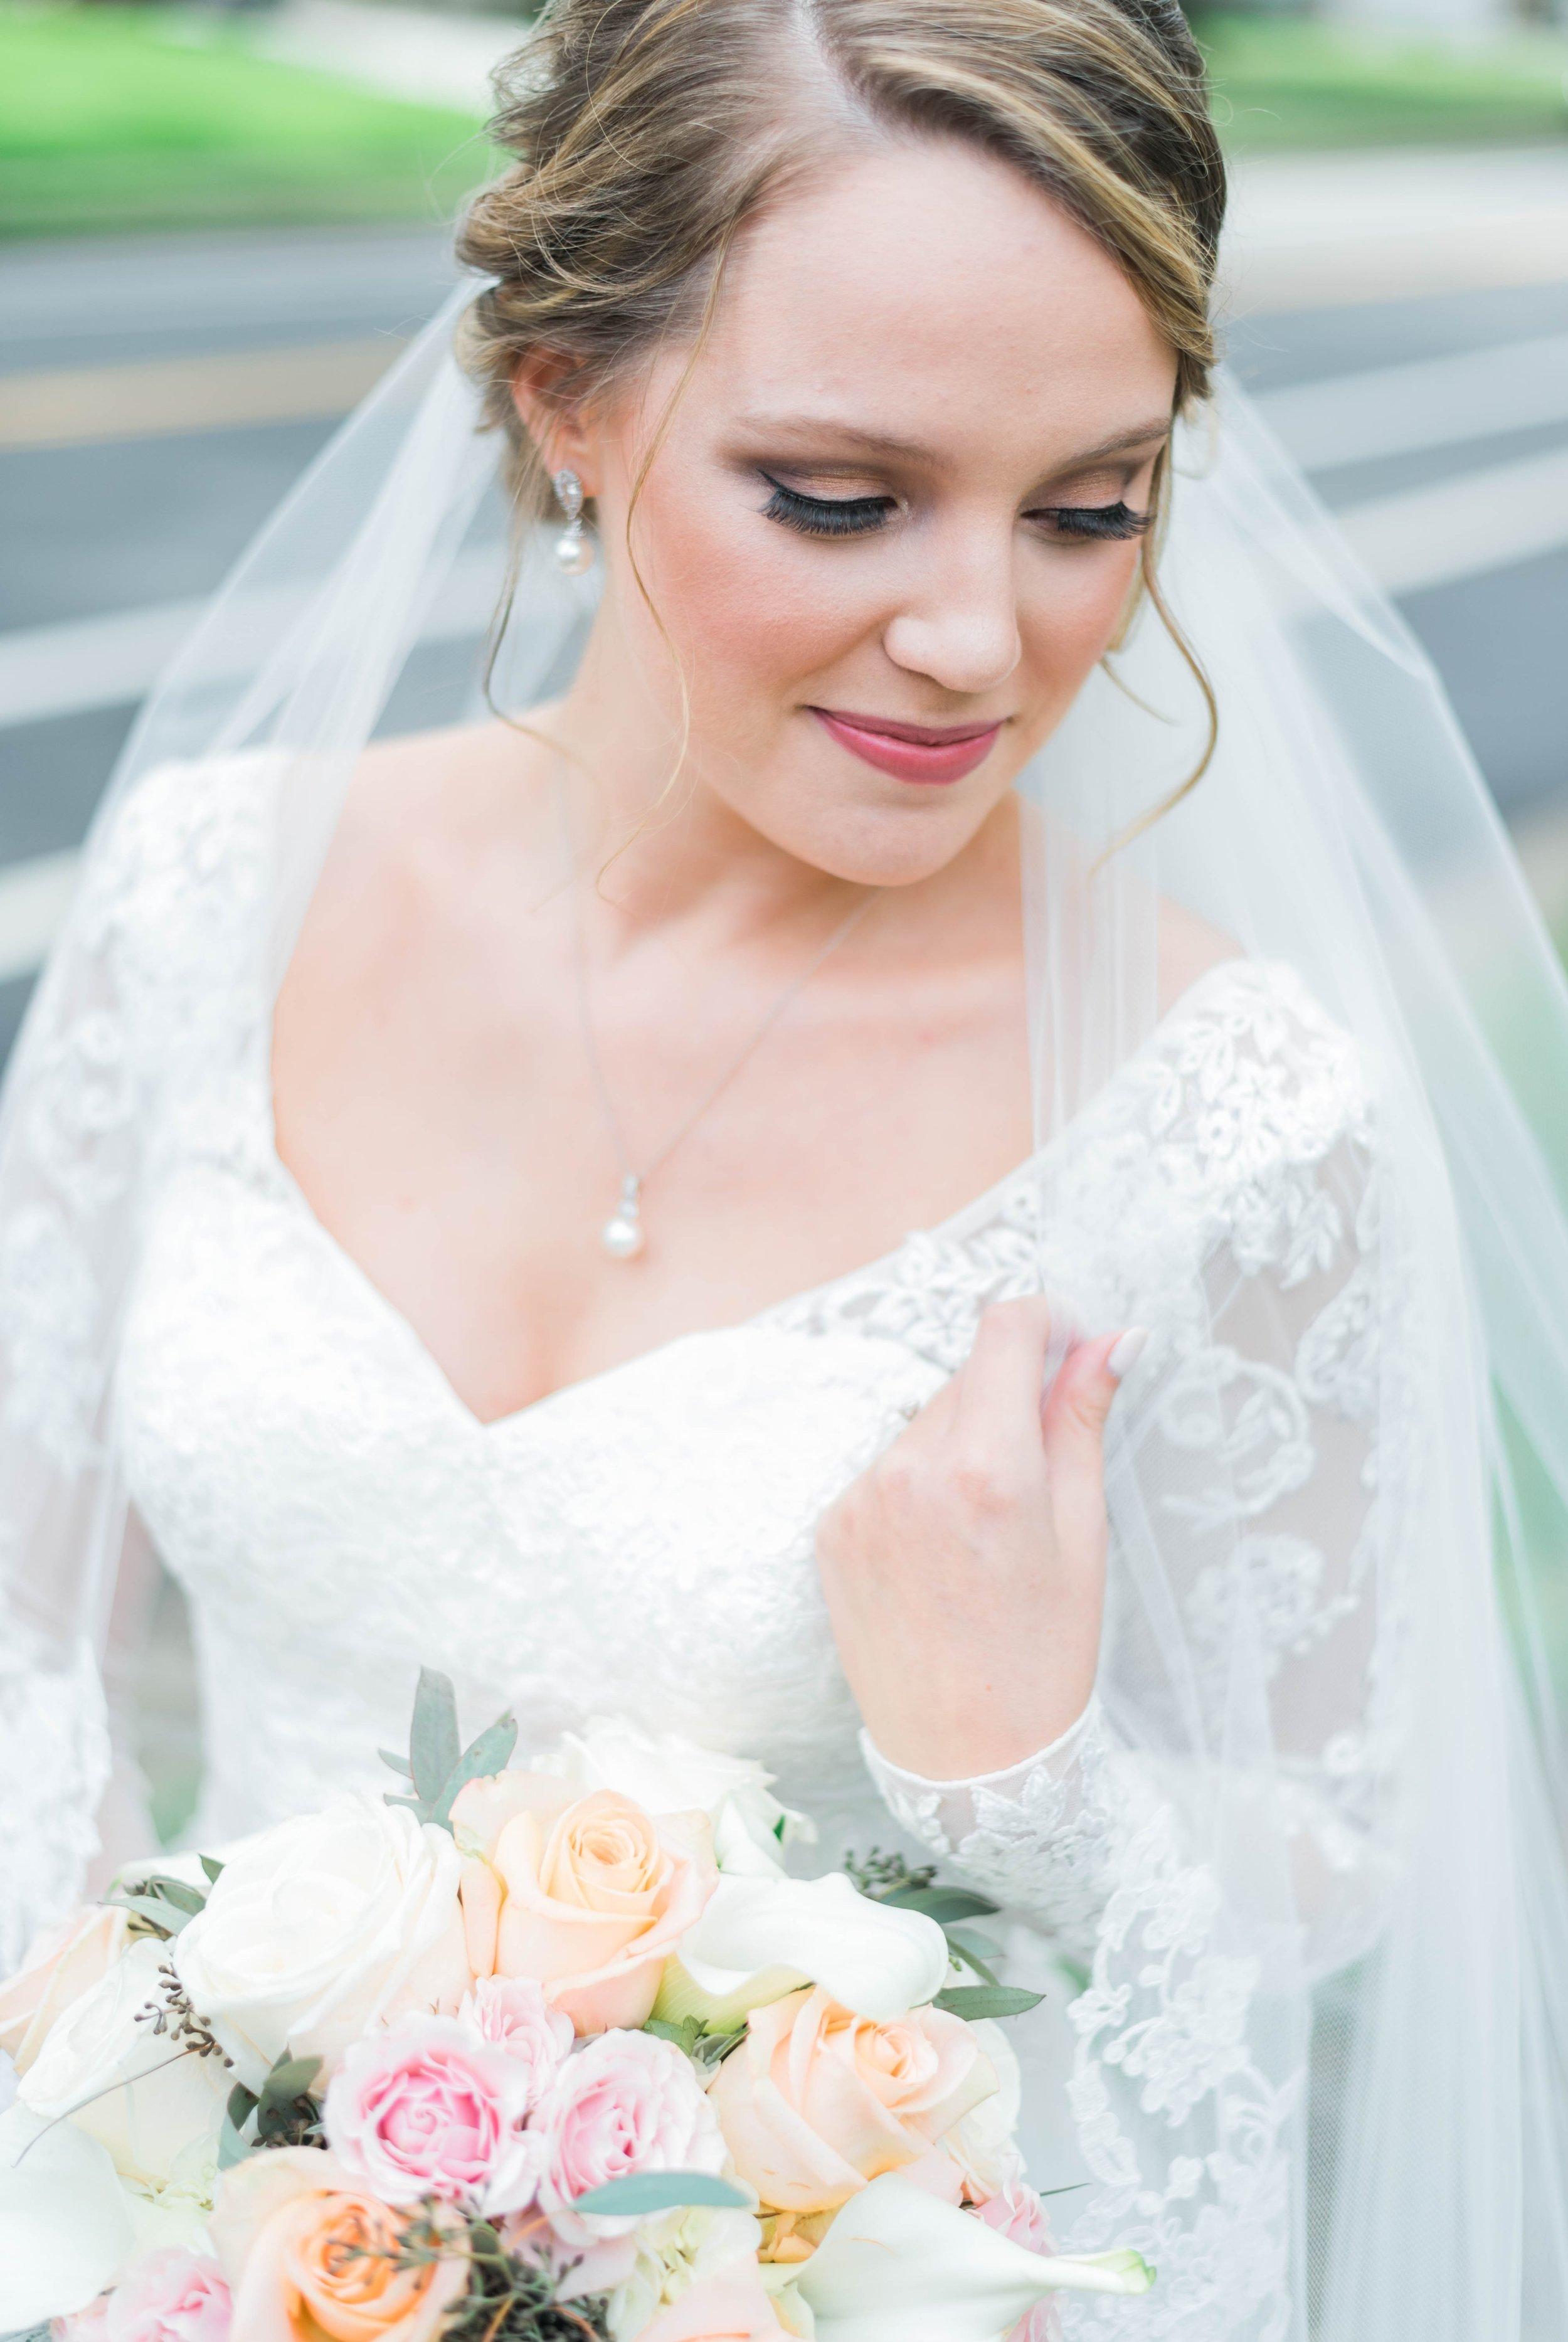 GrantElizabeth_wineryatbullrun_DCwedding_Virginiaweddingphotographer 17.jpg